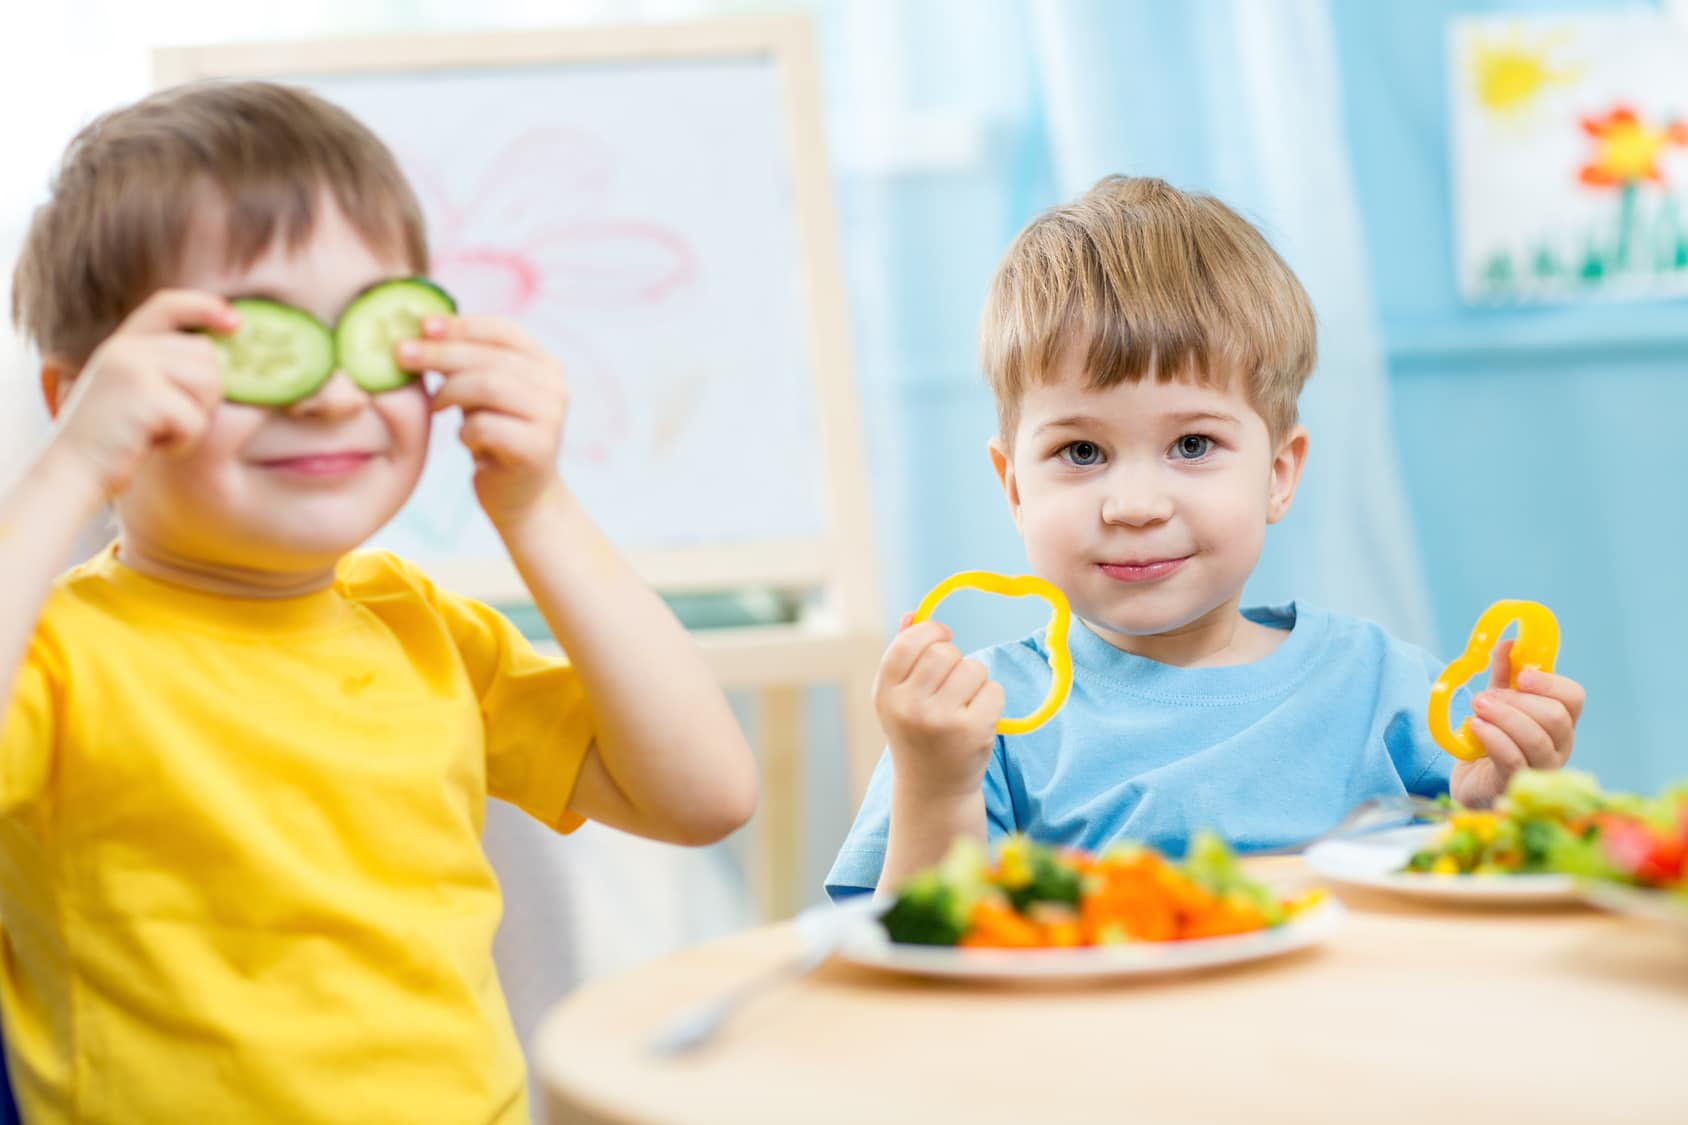 menores-de-5-anos-tienen-mas-carga-viral-de-coronavirus-que-adultos